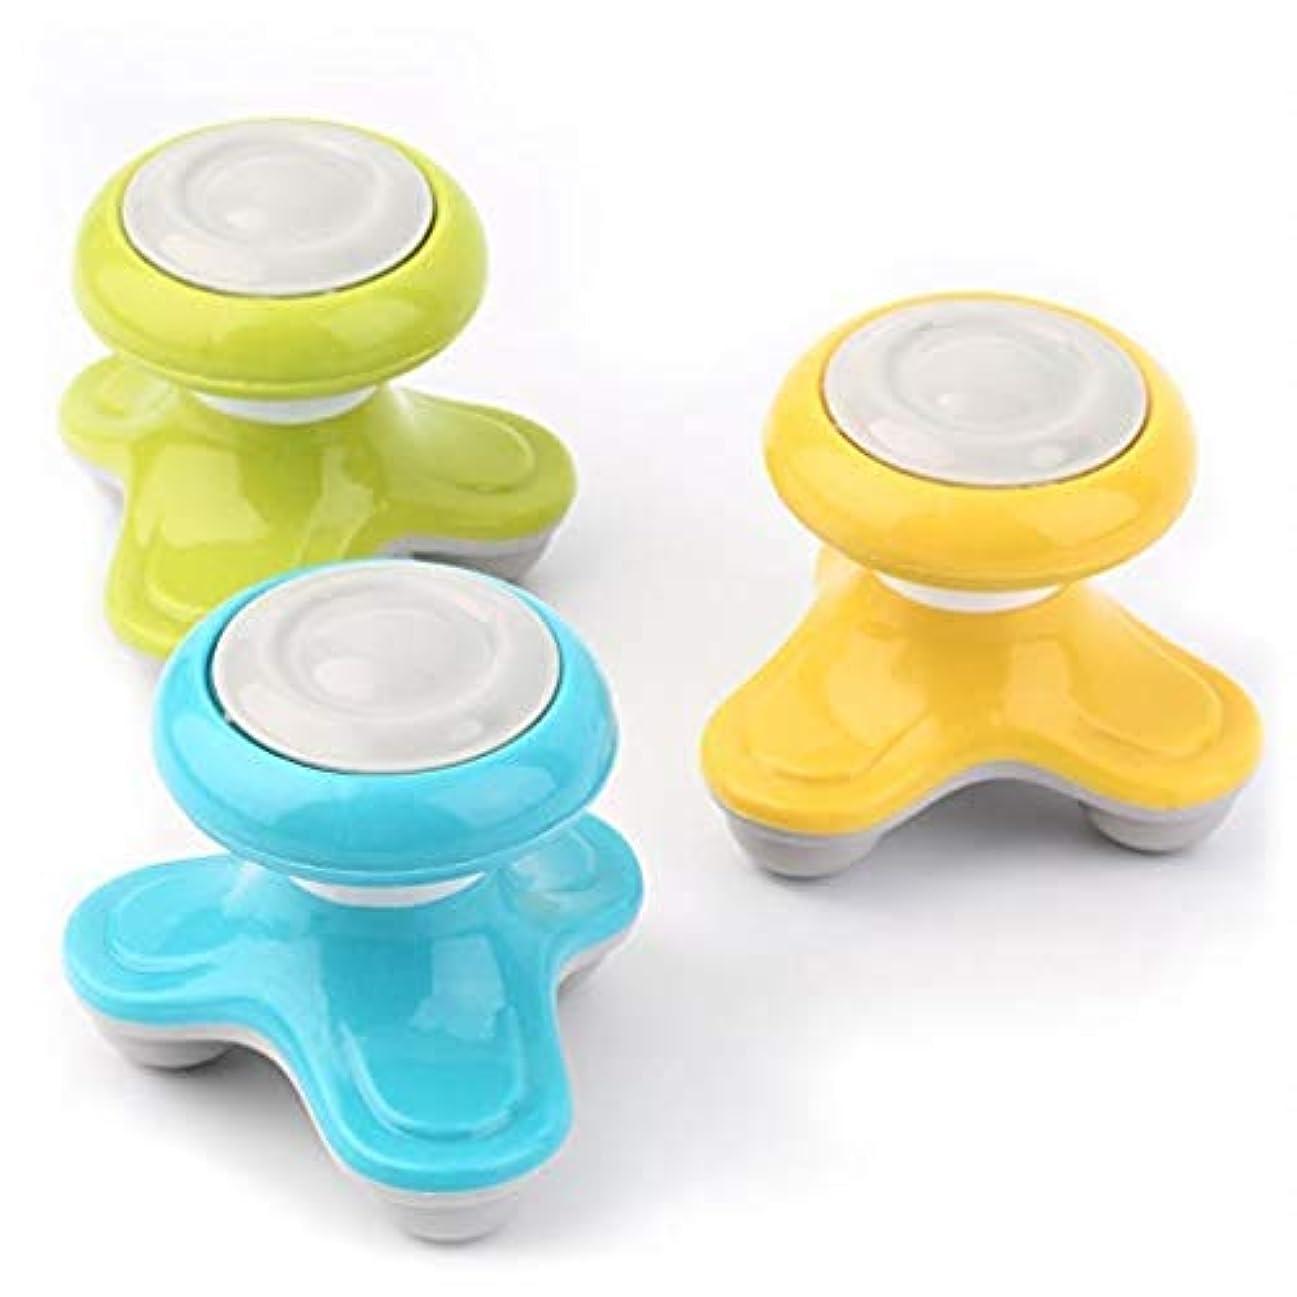 マッサージャー、ミニ電動ハンドヘルドポータブルマッサージャー、波動振動ヘッドマッサージャー、USB充電およびバッテリー、頭、首、脚、手に適し、体全体で使用可能 (Color : 青)